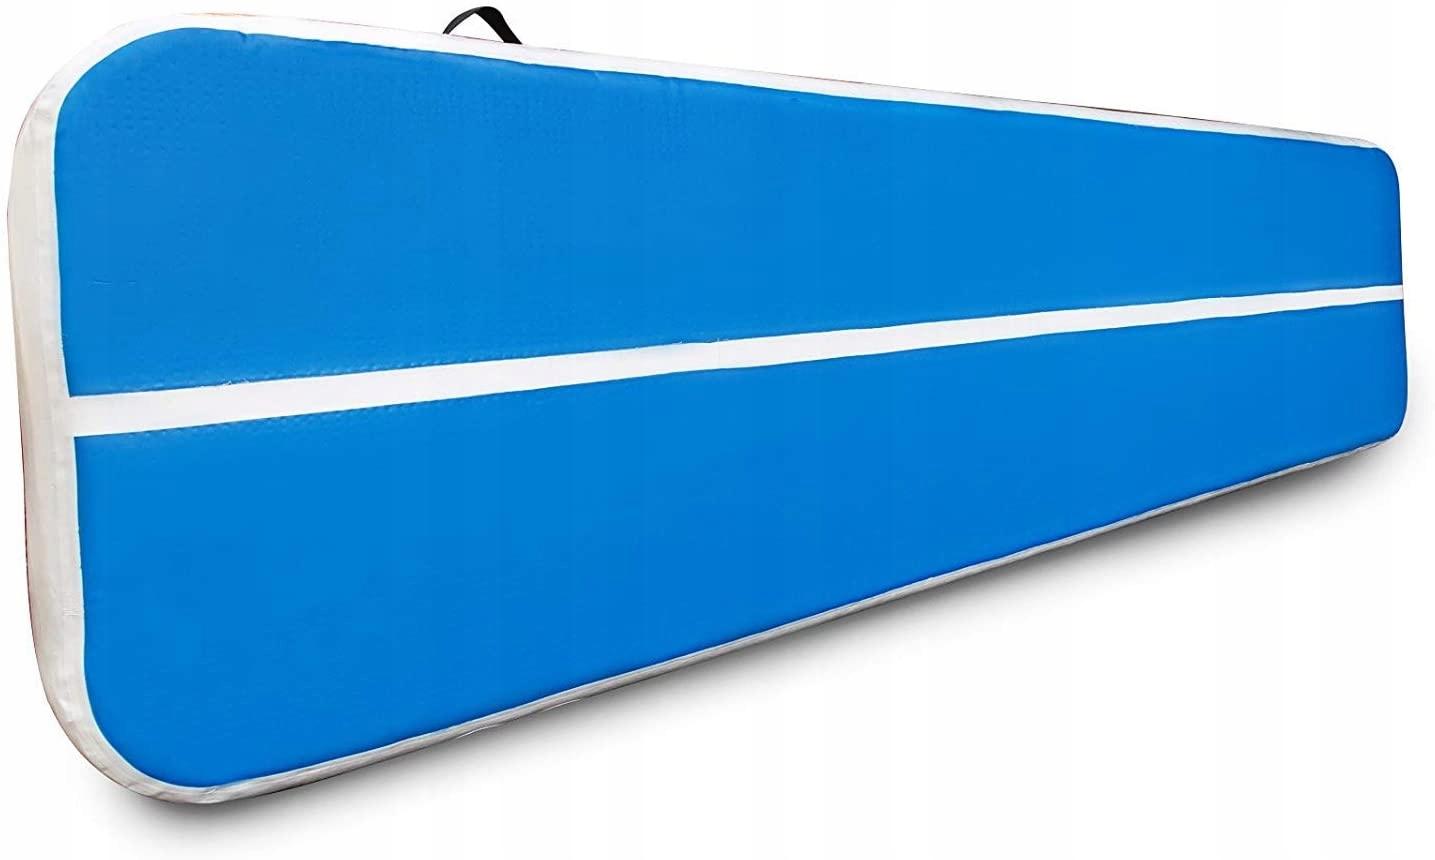 Gymnastická dráha 5x2x0,2 airtrack letecká dráha